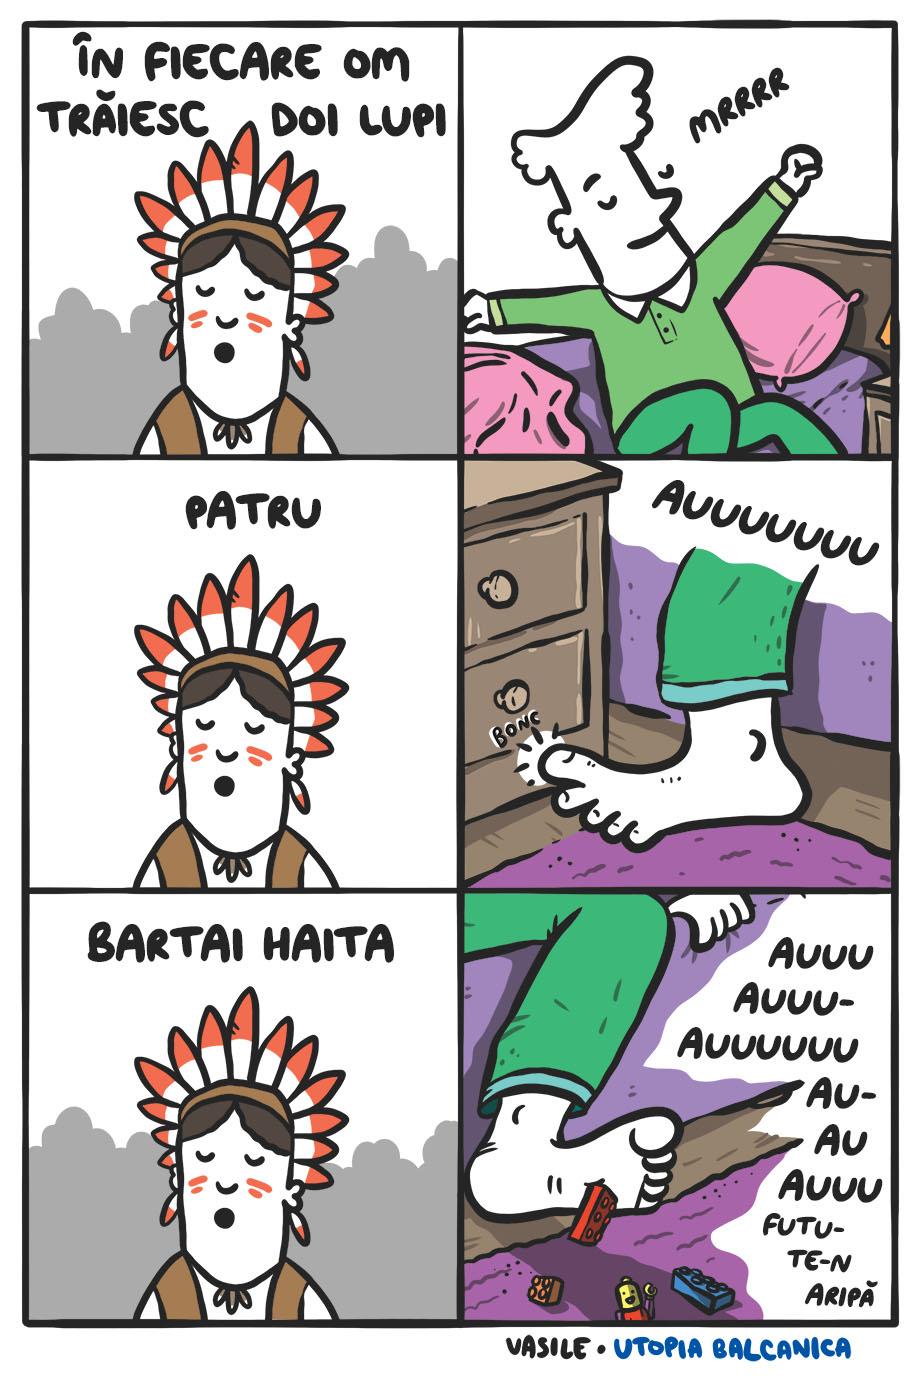 1. Amerindian înţelept: În fiecare om trăiesc doi lupi 2. Vasile iese din pat întinzîndu-se: Mrrrr 3. Amerindian: Patru! 4. Vasile (dă cu deştiu' mare de la picior în noptieră): Auuuuuuu! 5. Amerindian: Bartai haita! 6: Vasile (calcă pe lego) Auuuu auuu auuuuu auuu futu-te-n aripă